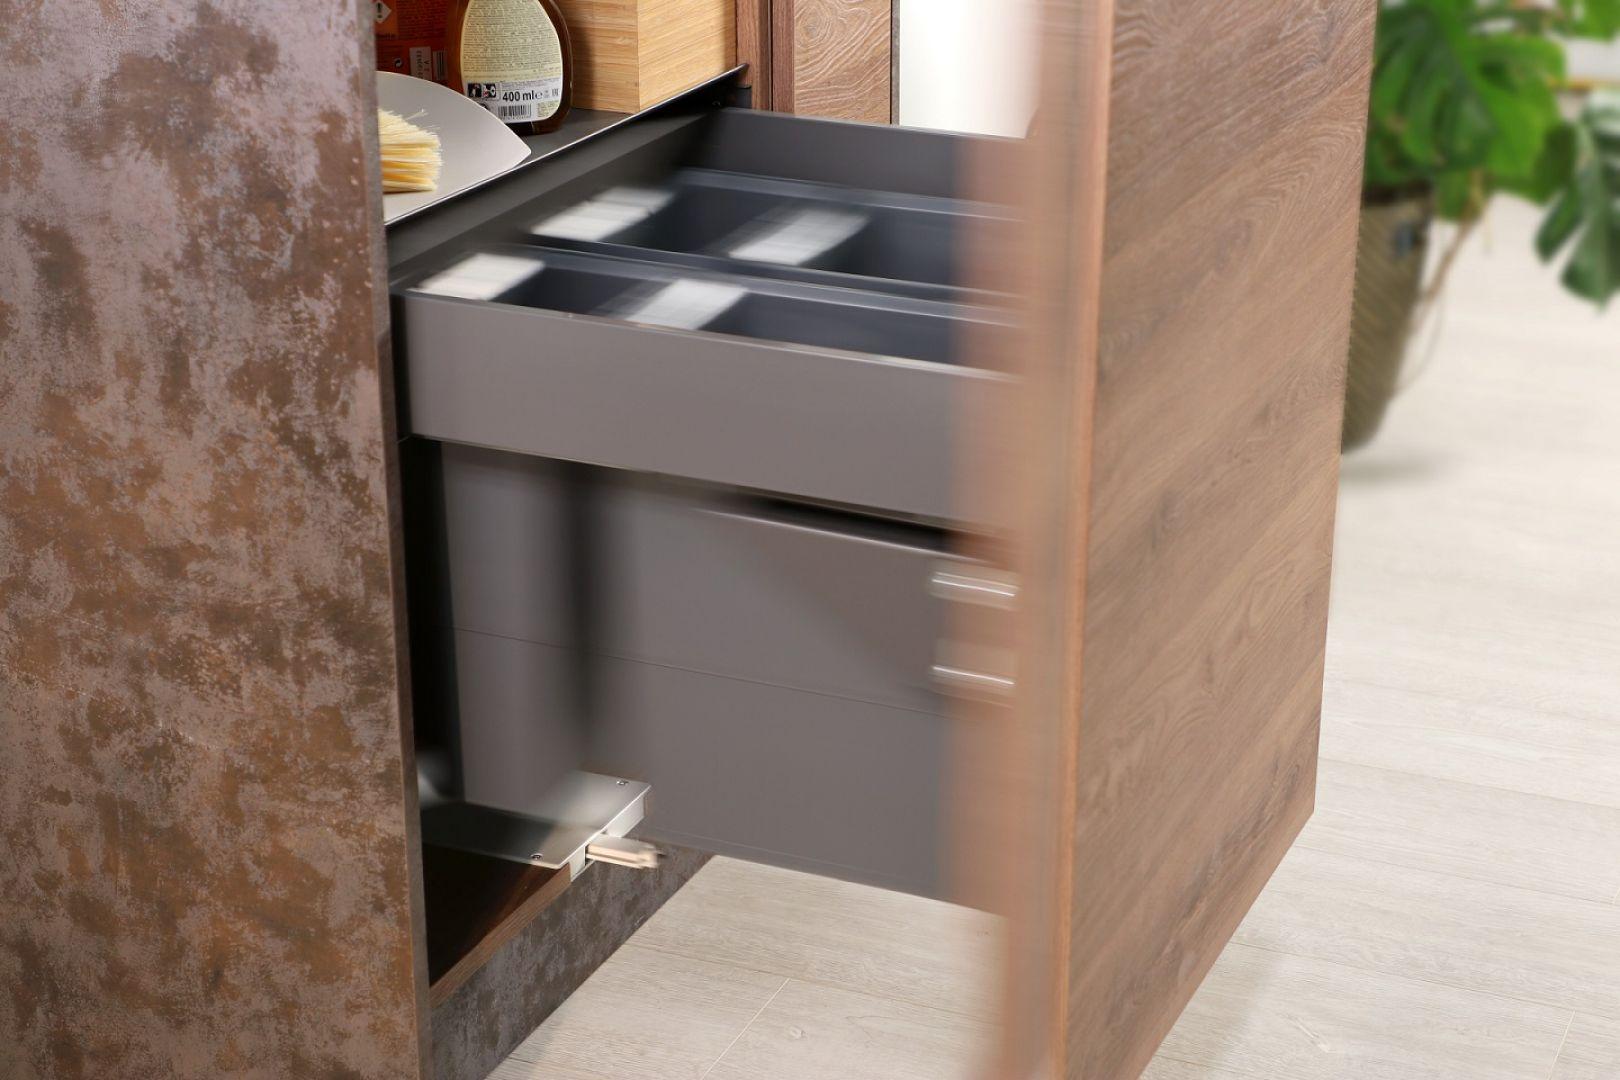 Nowe pomysły na segregację odpadów. Slim Box z systemem Hailo. Fot. Rejs